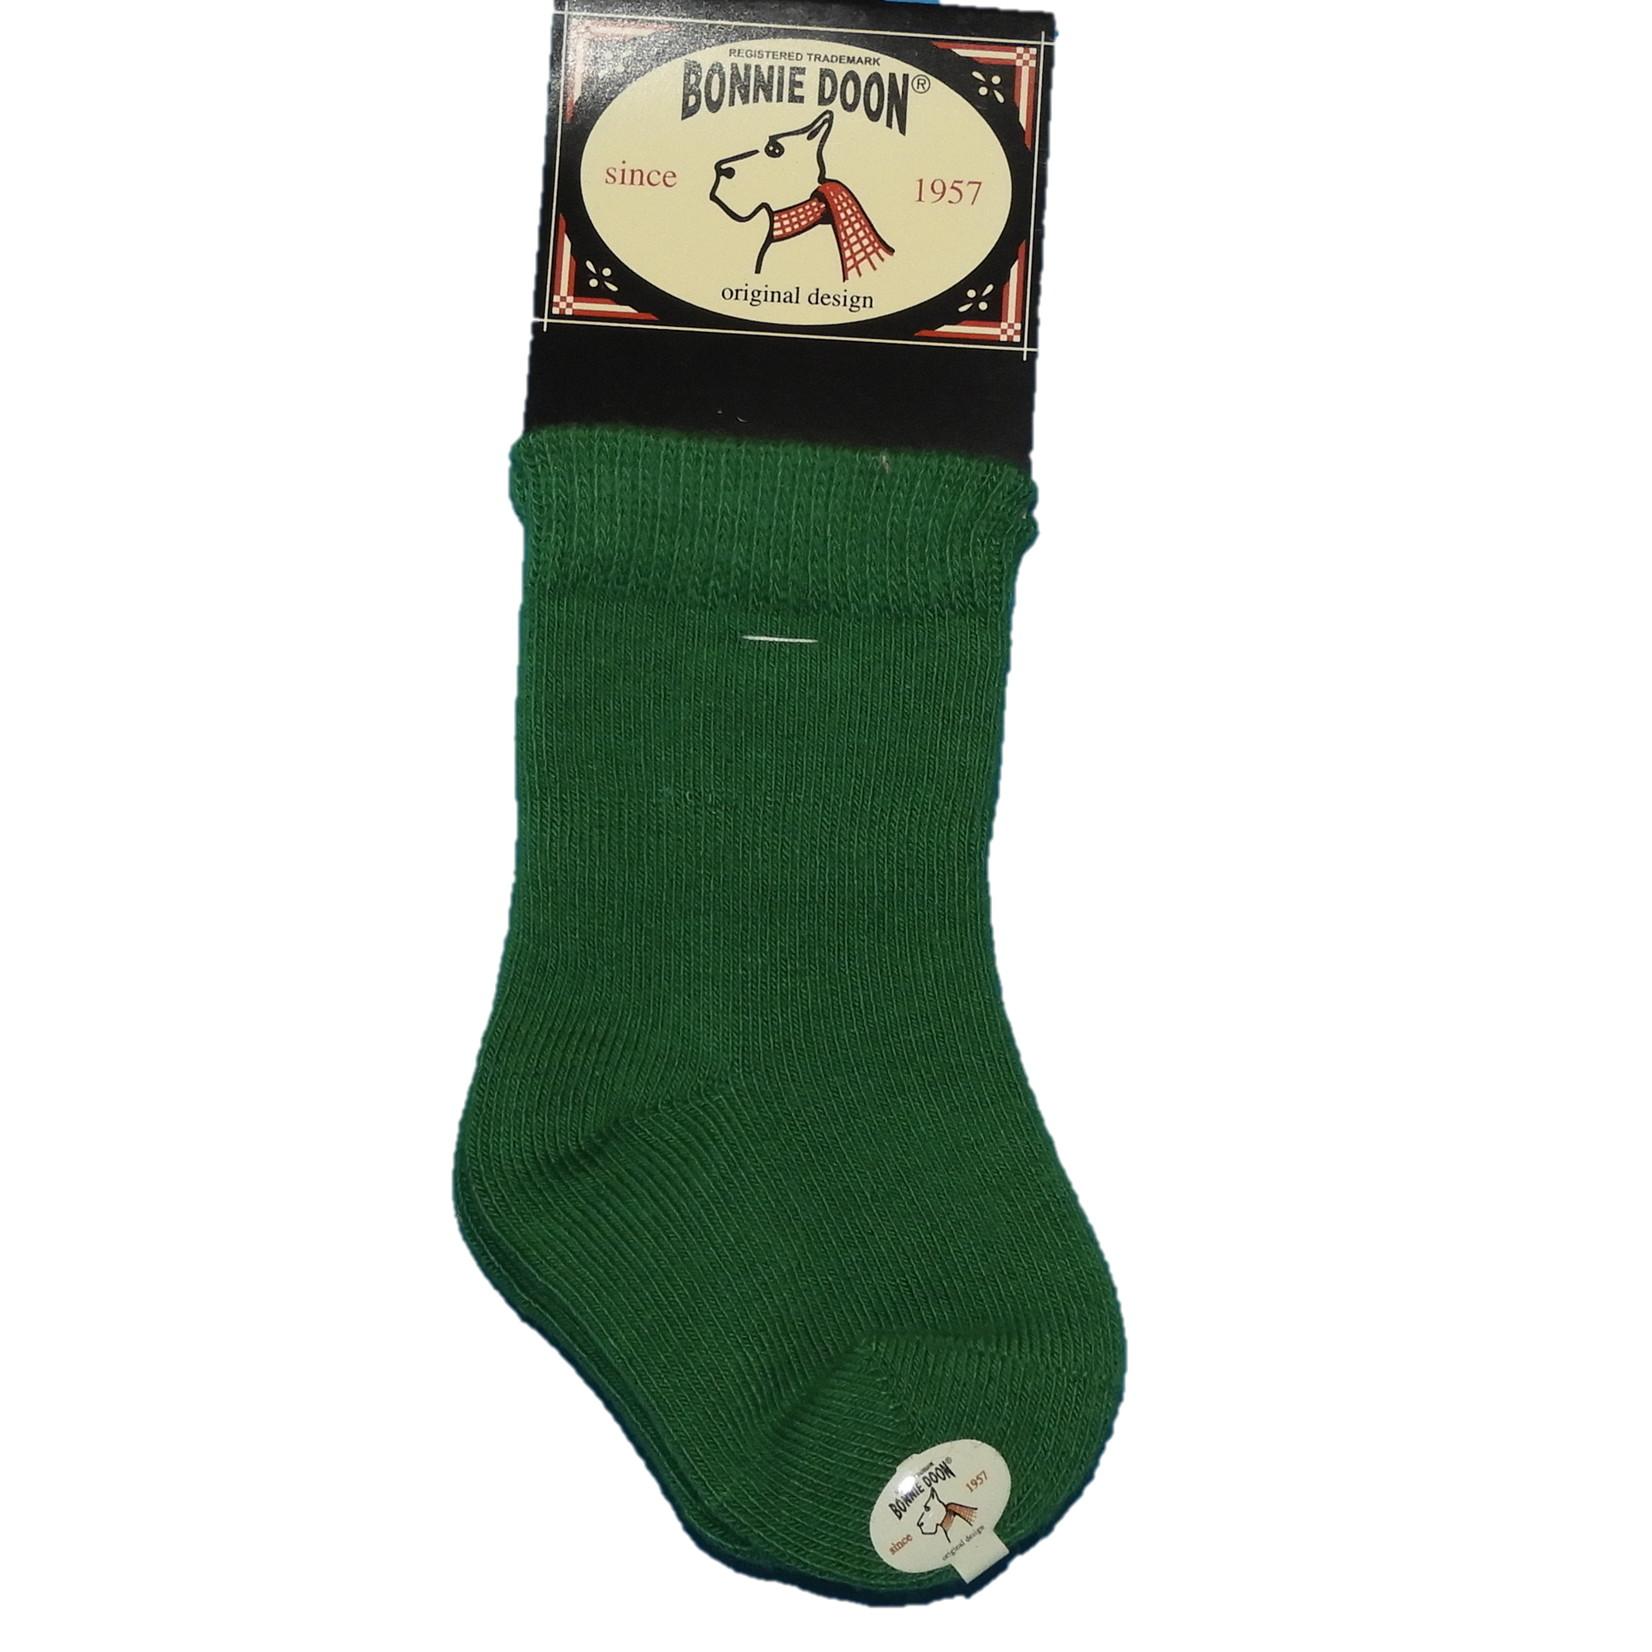 Bonnie Doon sokken maat 0/4 M = 50/62